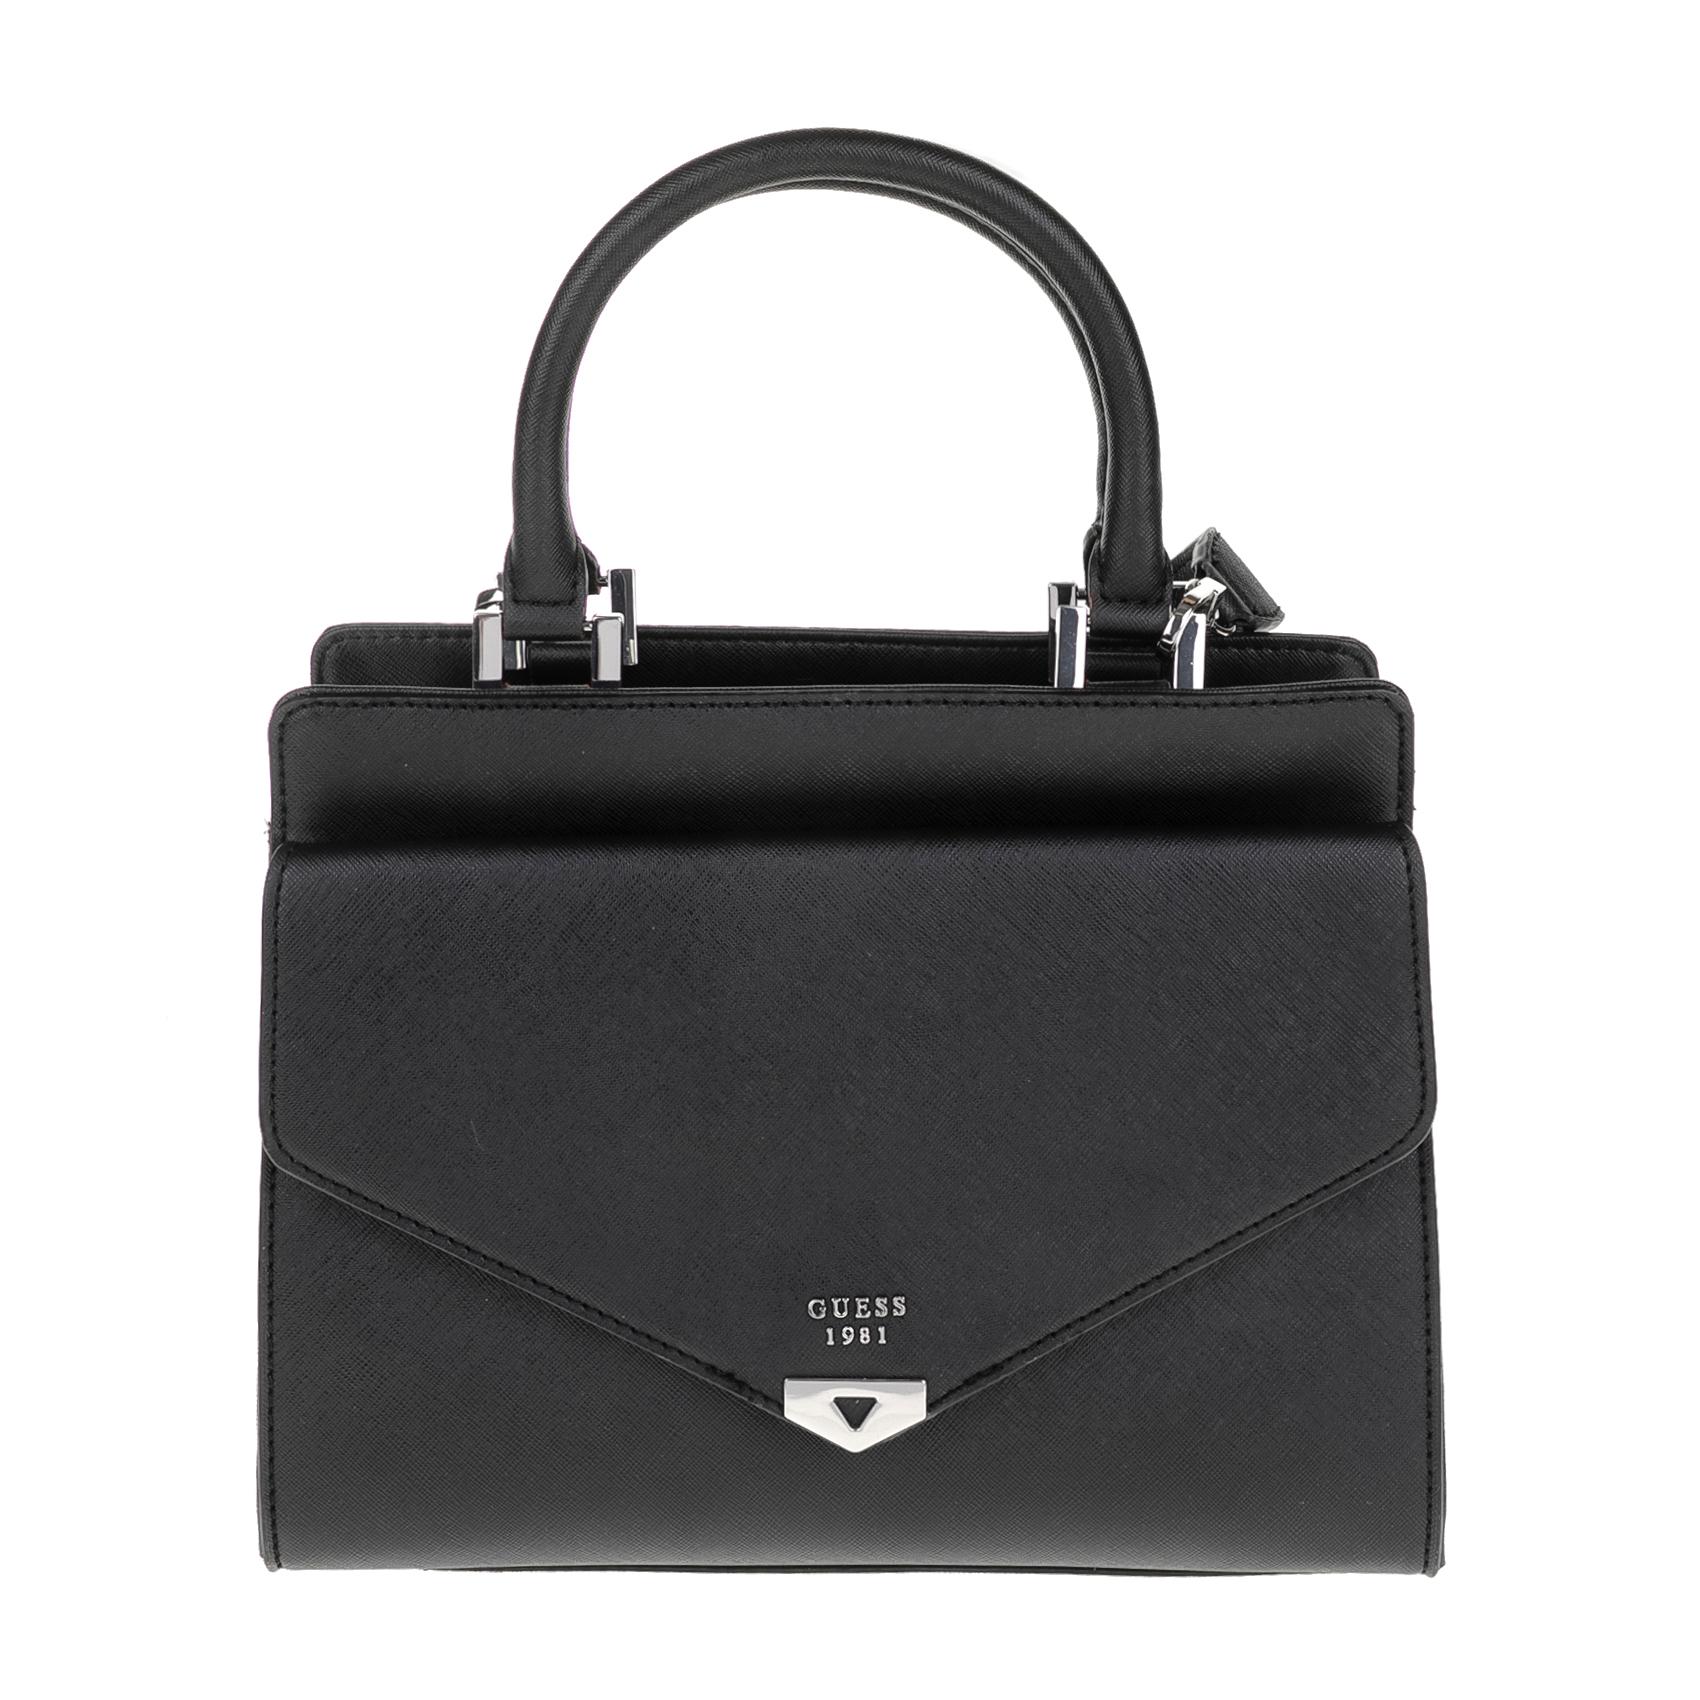 GUESS – Γυναικεία τσάντα GUESS LOTTIE μαύρη 1571194.0-0071